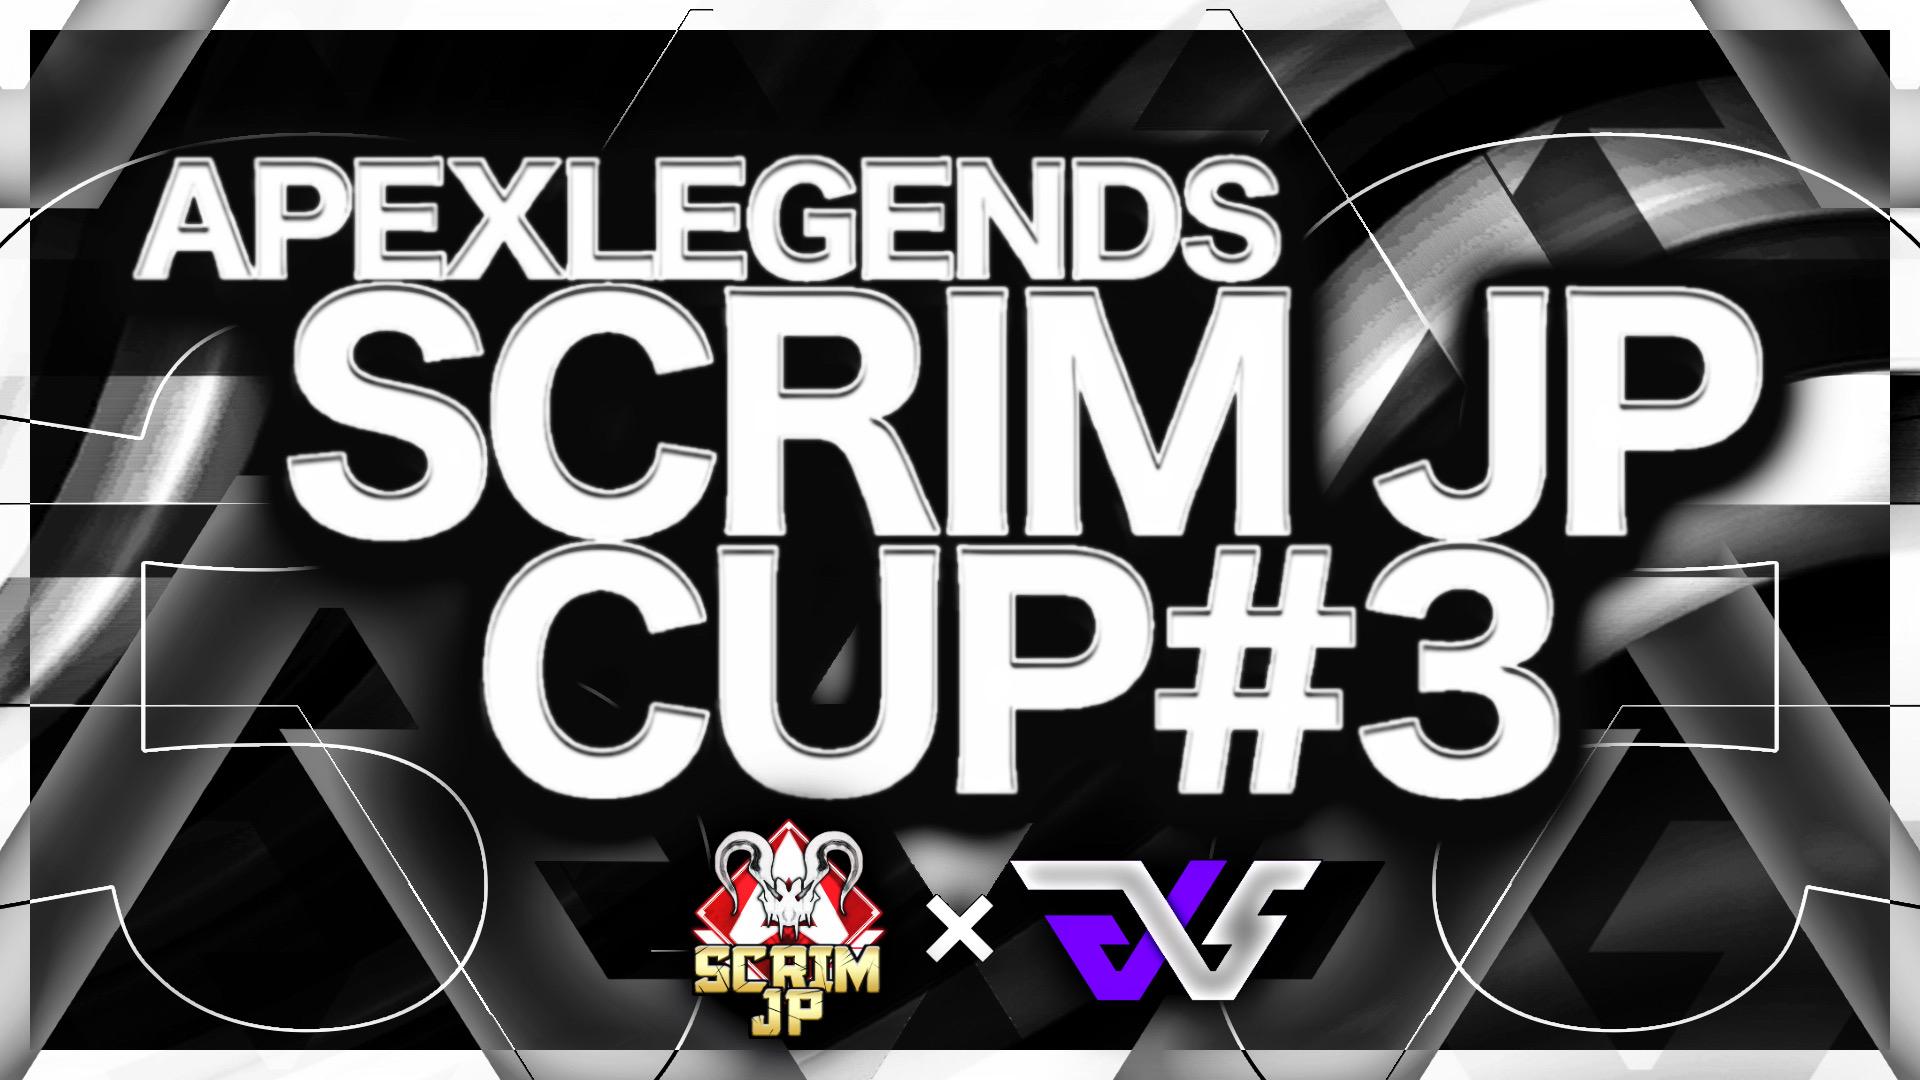 【6/13(日)21:00~】PS4版APEXカスタムマッチ大会「Apex Legends Scrim JP Cup#3 Sponsored by FortXenoSavior」主催のお知らせ